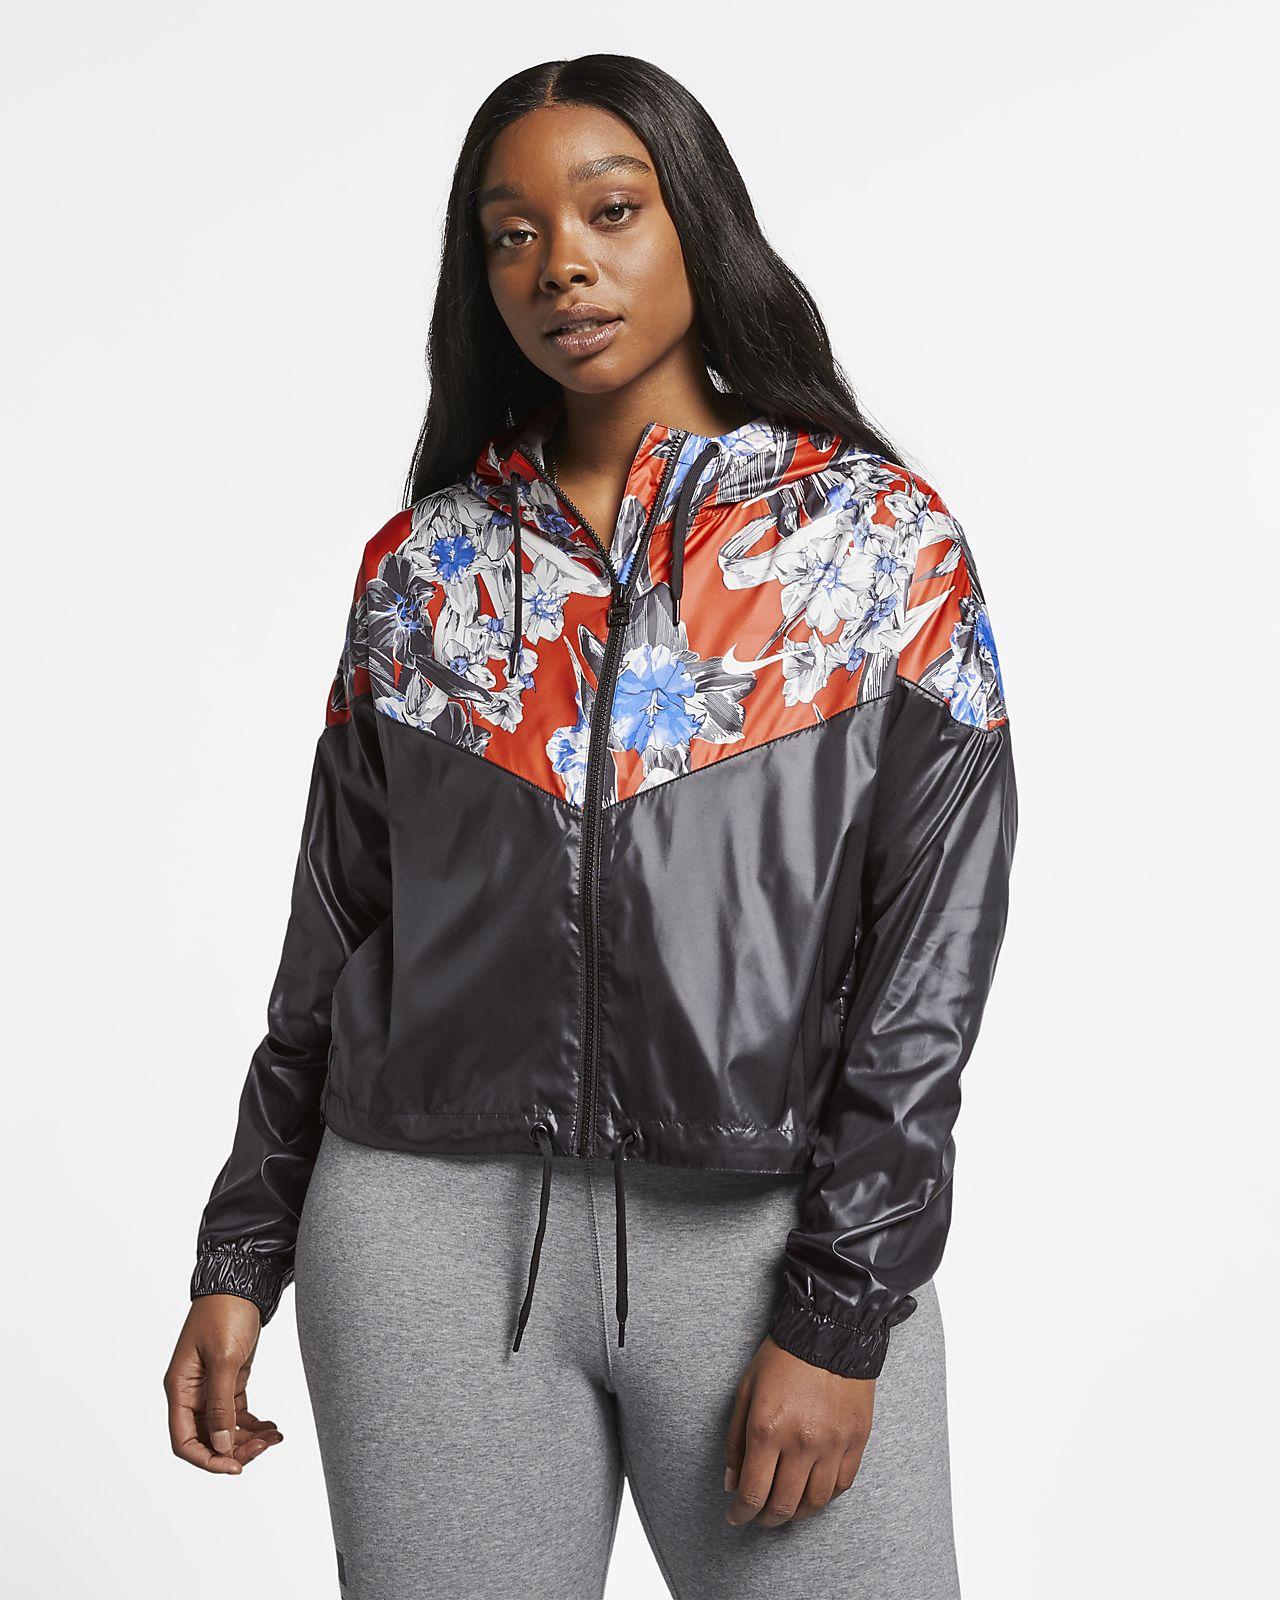 8099a850cd9 ... Nike Sportswear Windrunner Women s Cropped Floral Jacket (Plus Size)